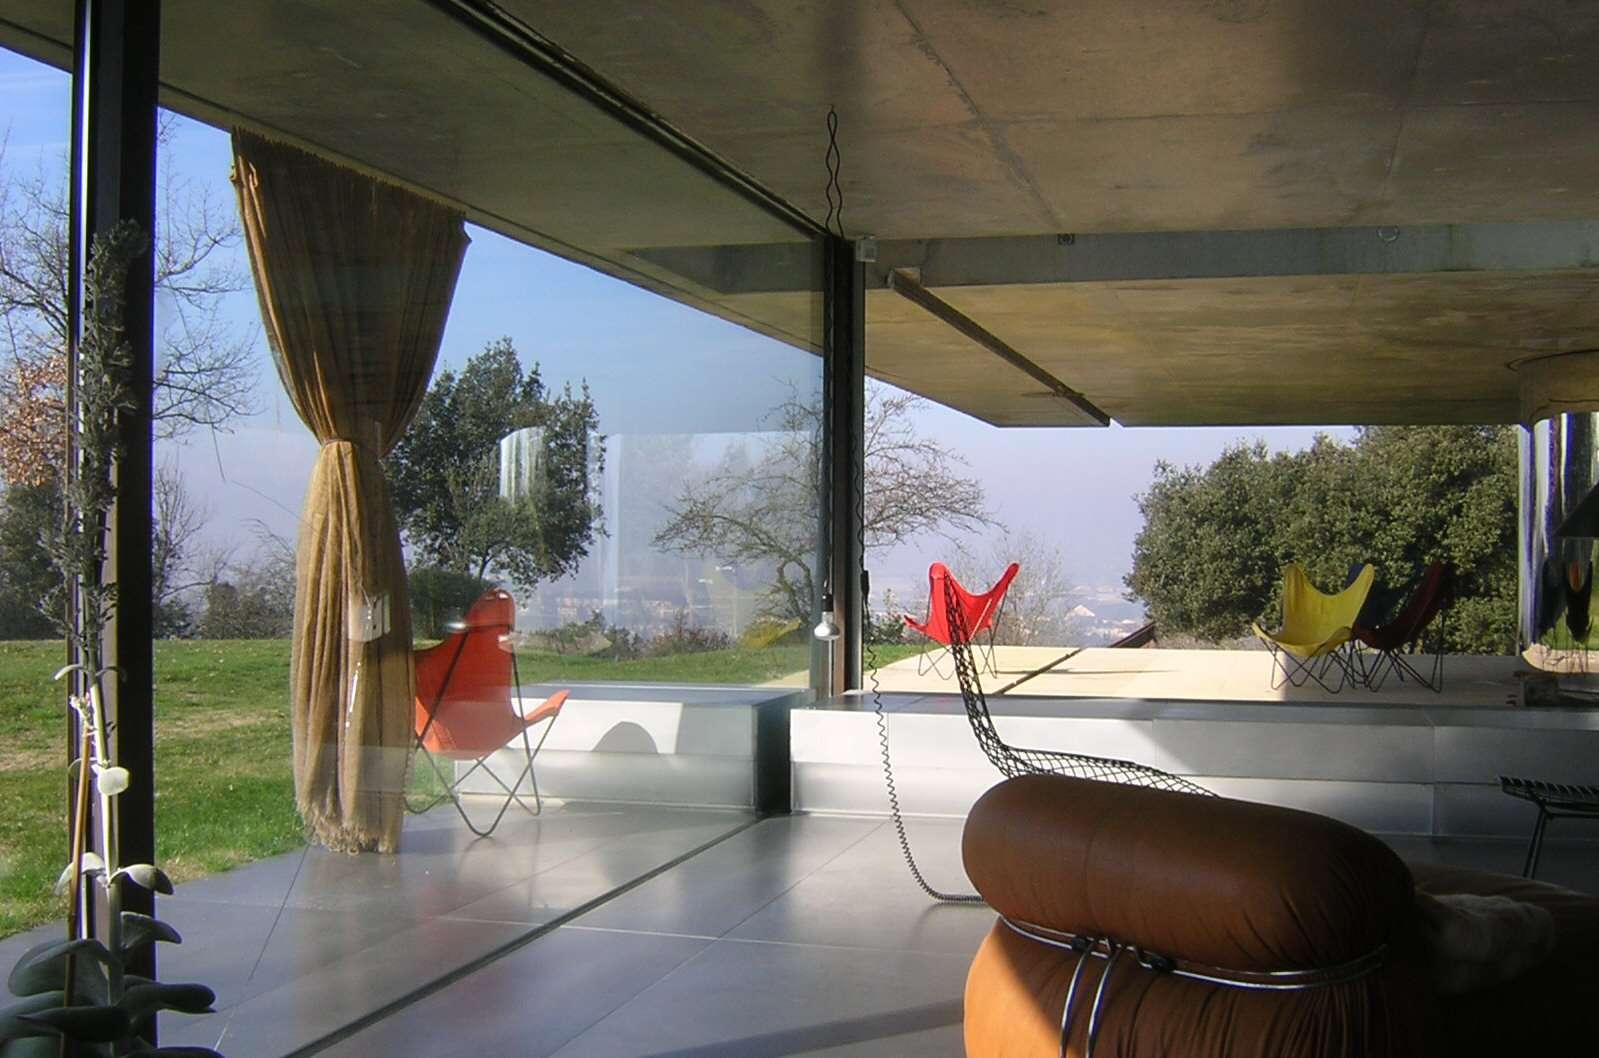 Middle level interior of Maison à Bordeaux by Rem Koolhaas, 1998